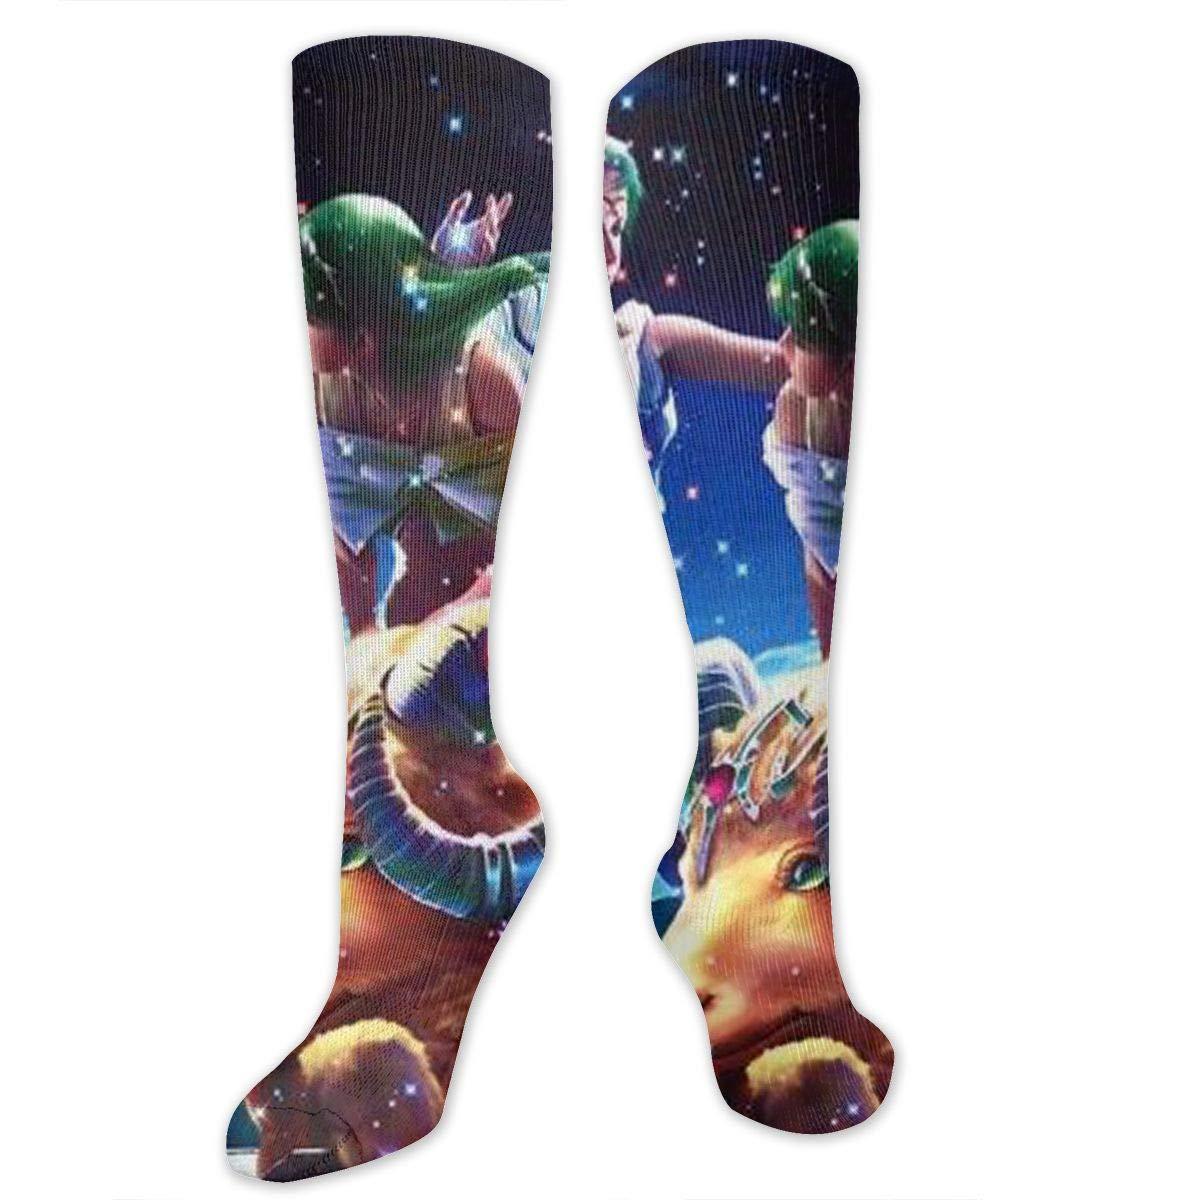 JrexsG Aries Unisex Outdoor Travel Exercise Sports Long Tube Socks Sport Over-The-Calf Long Team Socks